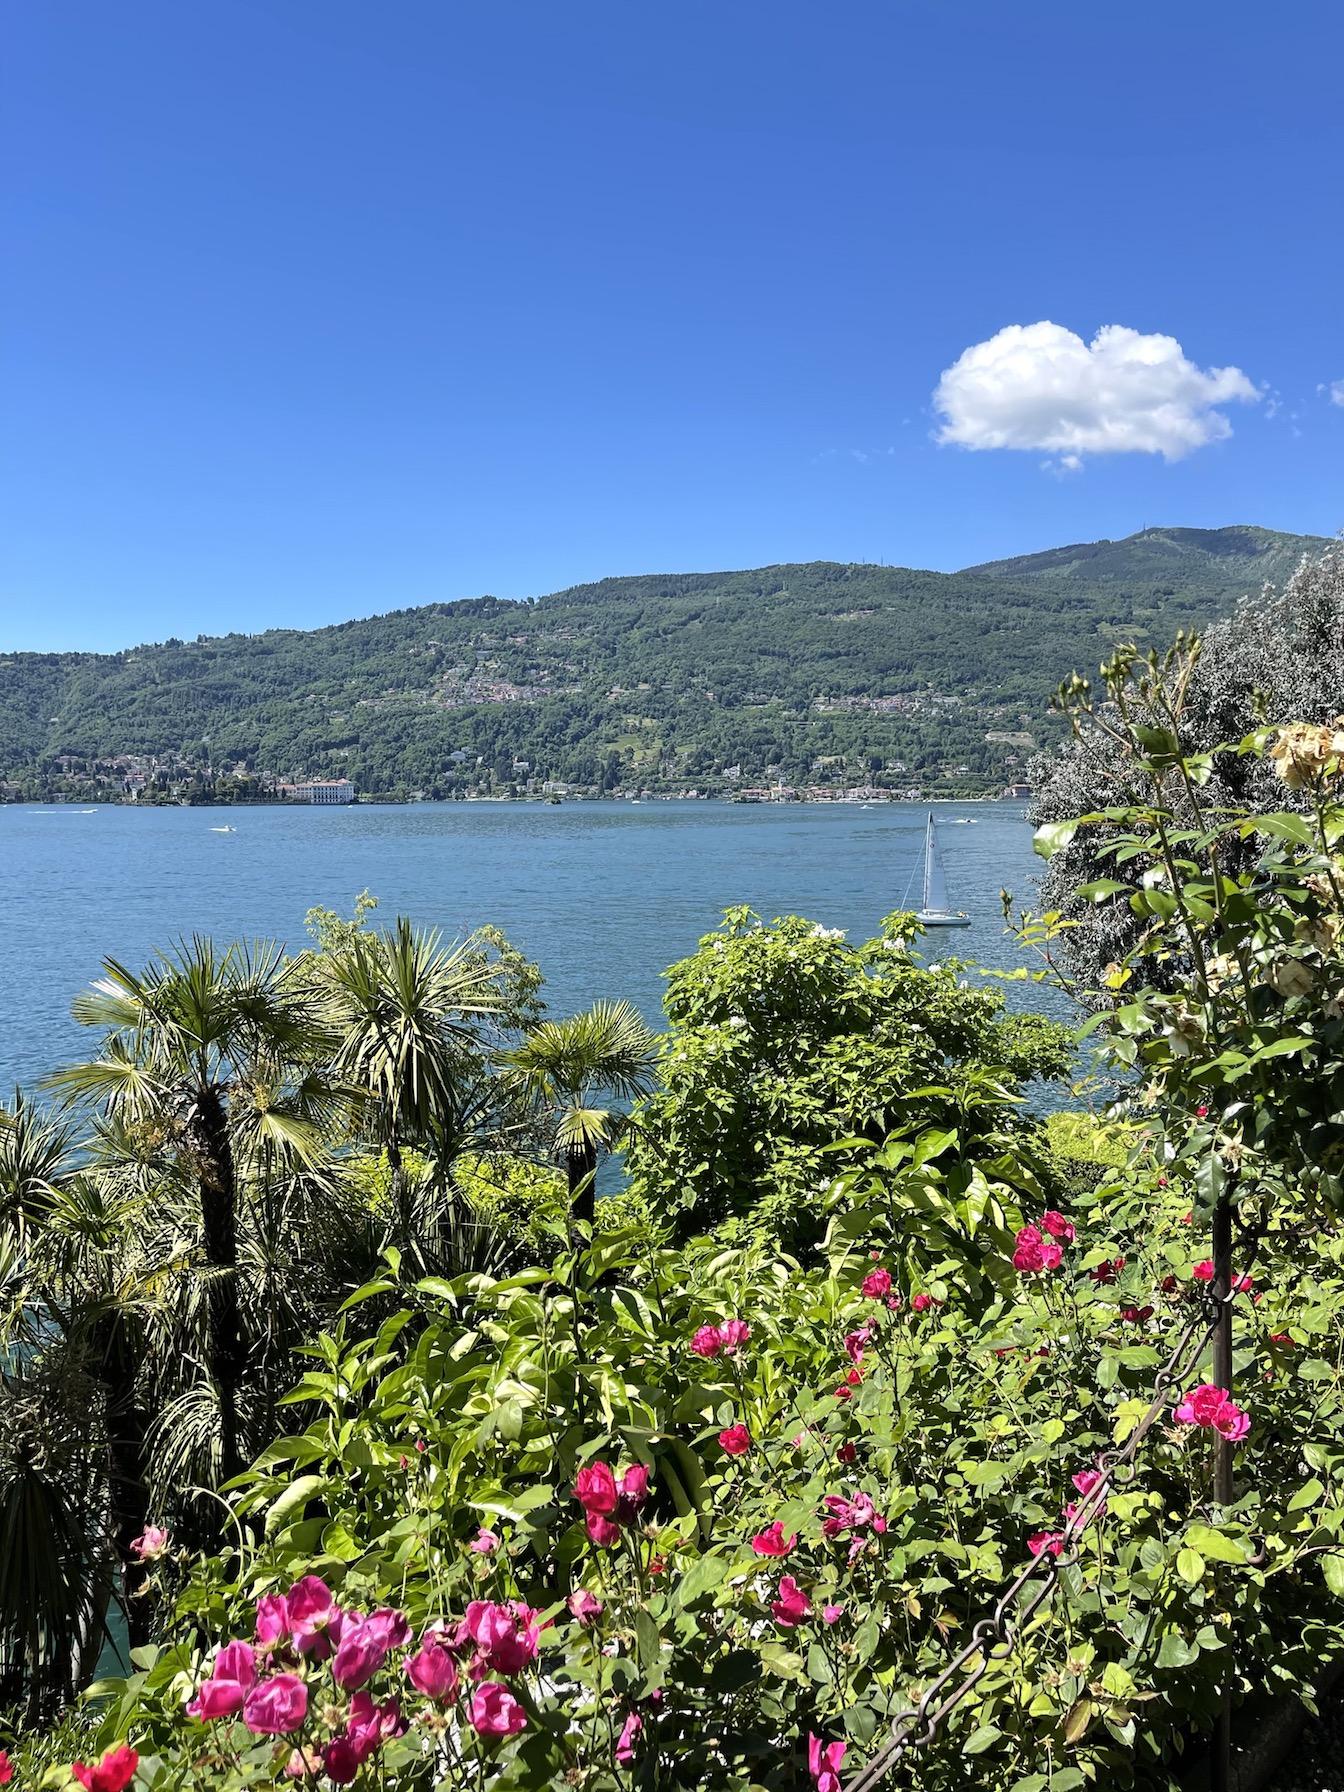 isola-madre-terre-borromeo-italy